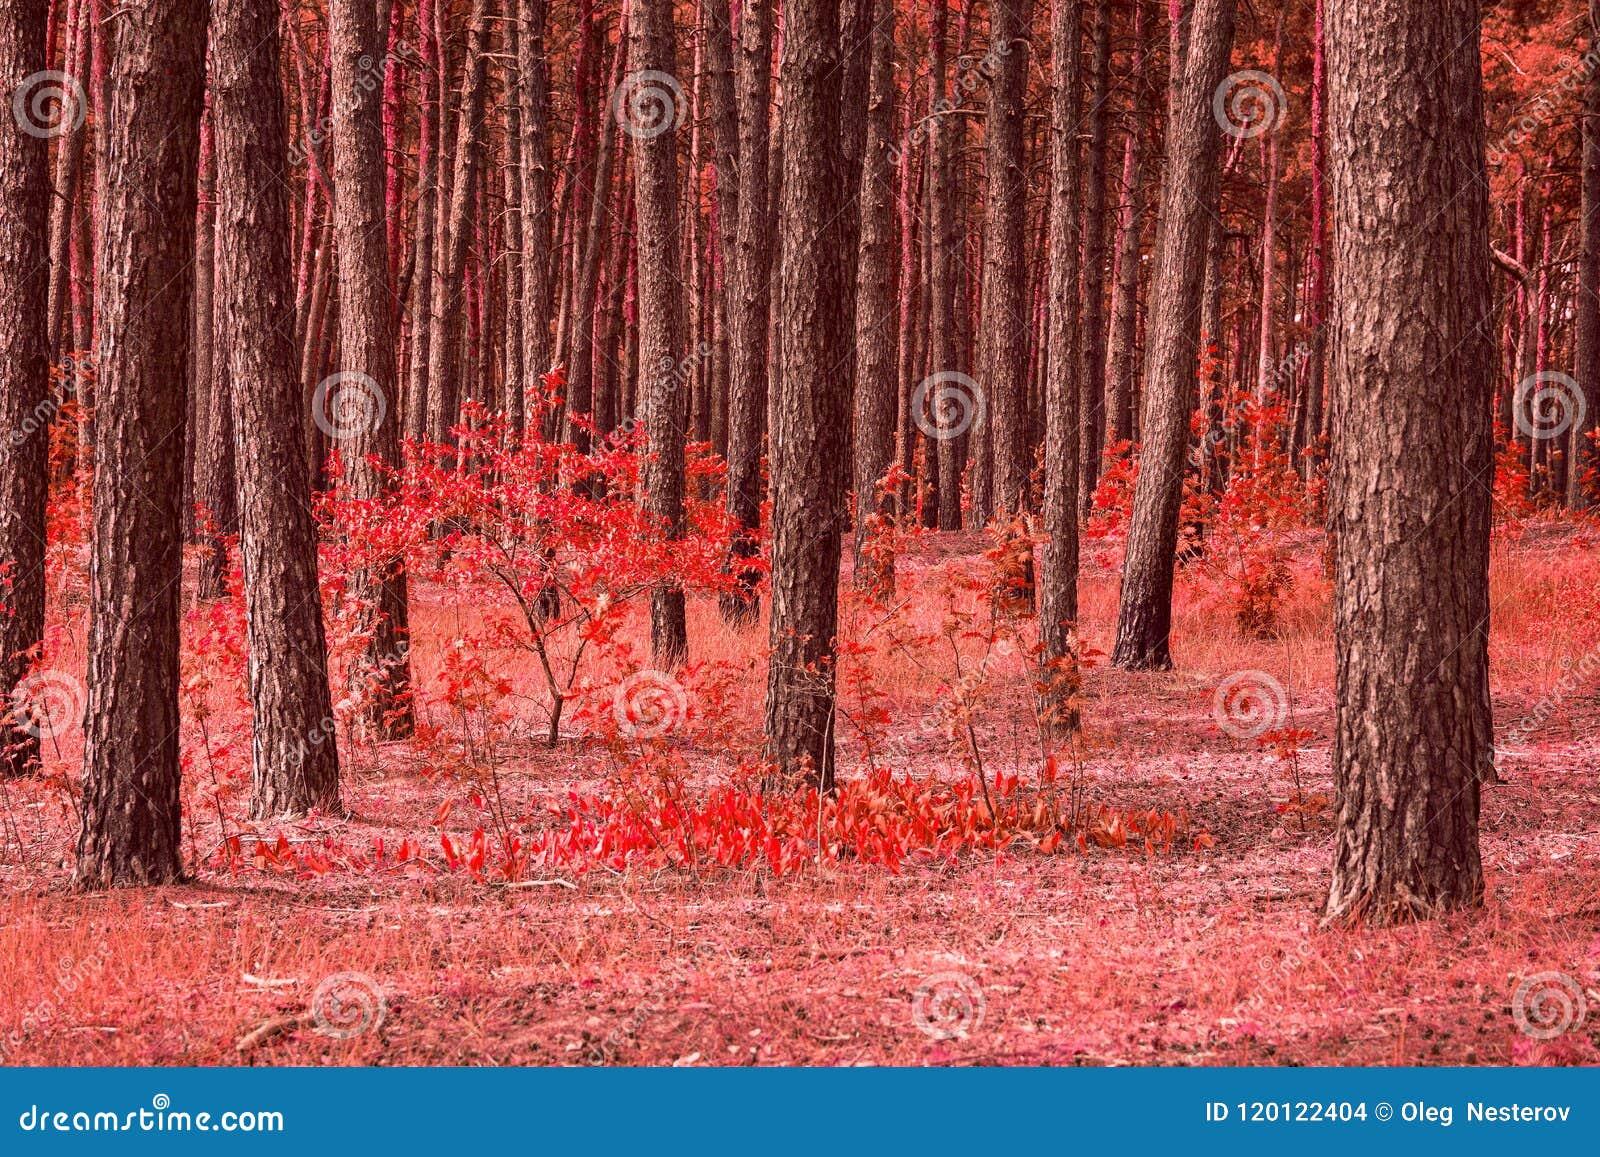 Jaskrawa czerwona lasowa wysoka sosna malować piękno jesieni rośliny